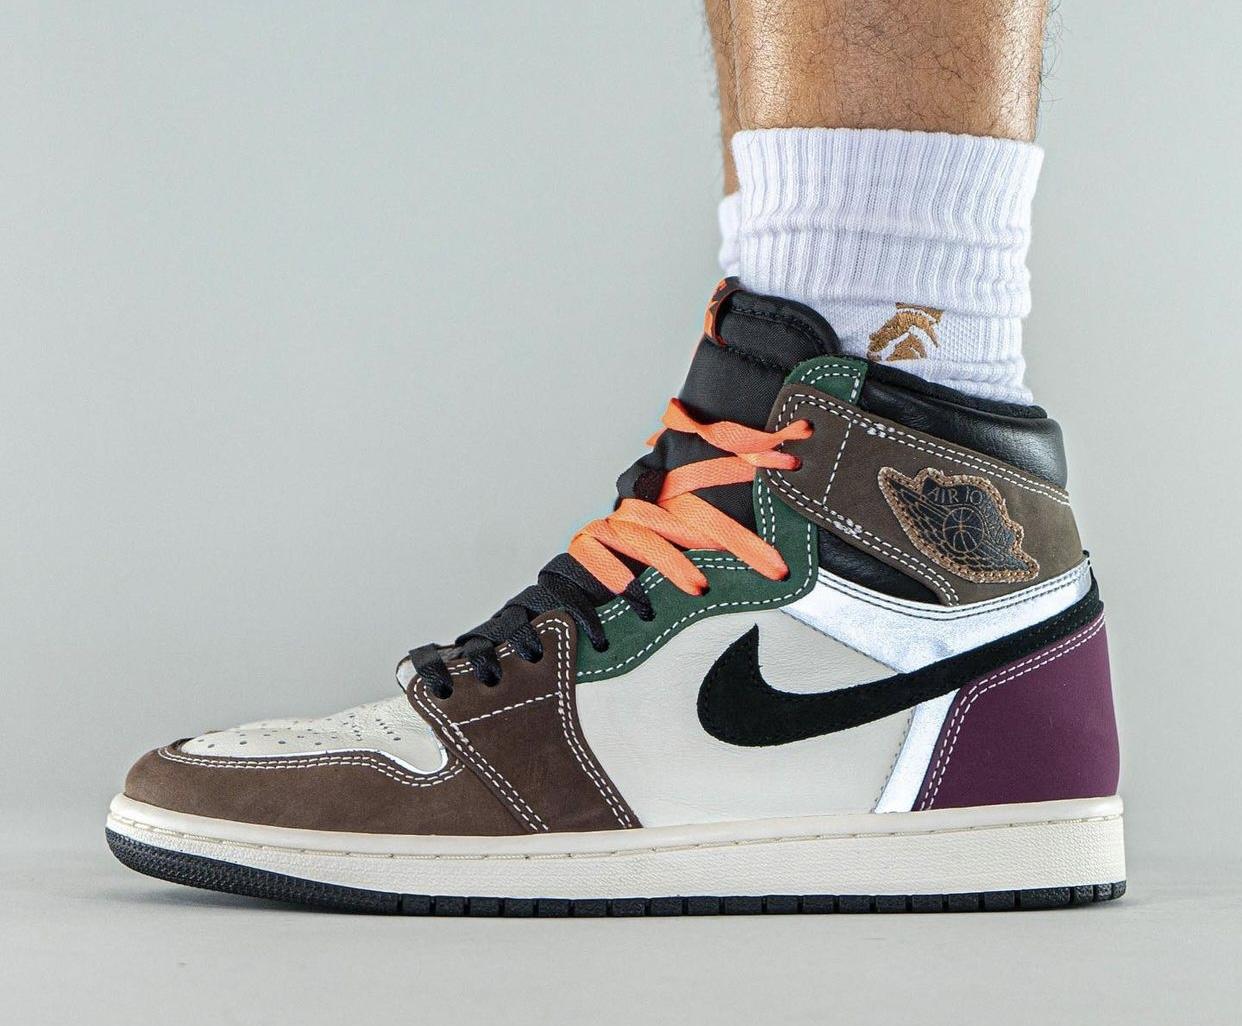 Air Jordan 1 High OG,AJ,AJ1,Ha  「拼接怪」Air Jordan 1 上脚曝光!看完网友直呼:拼接板小倒钩!